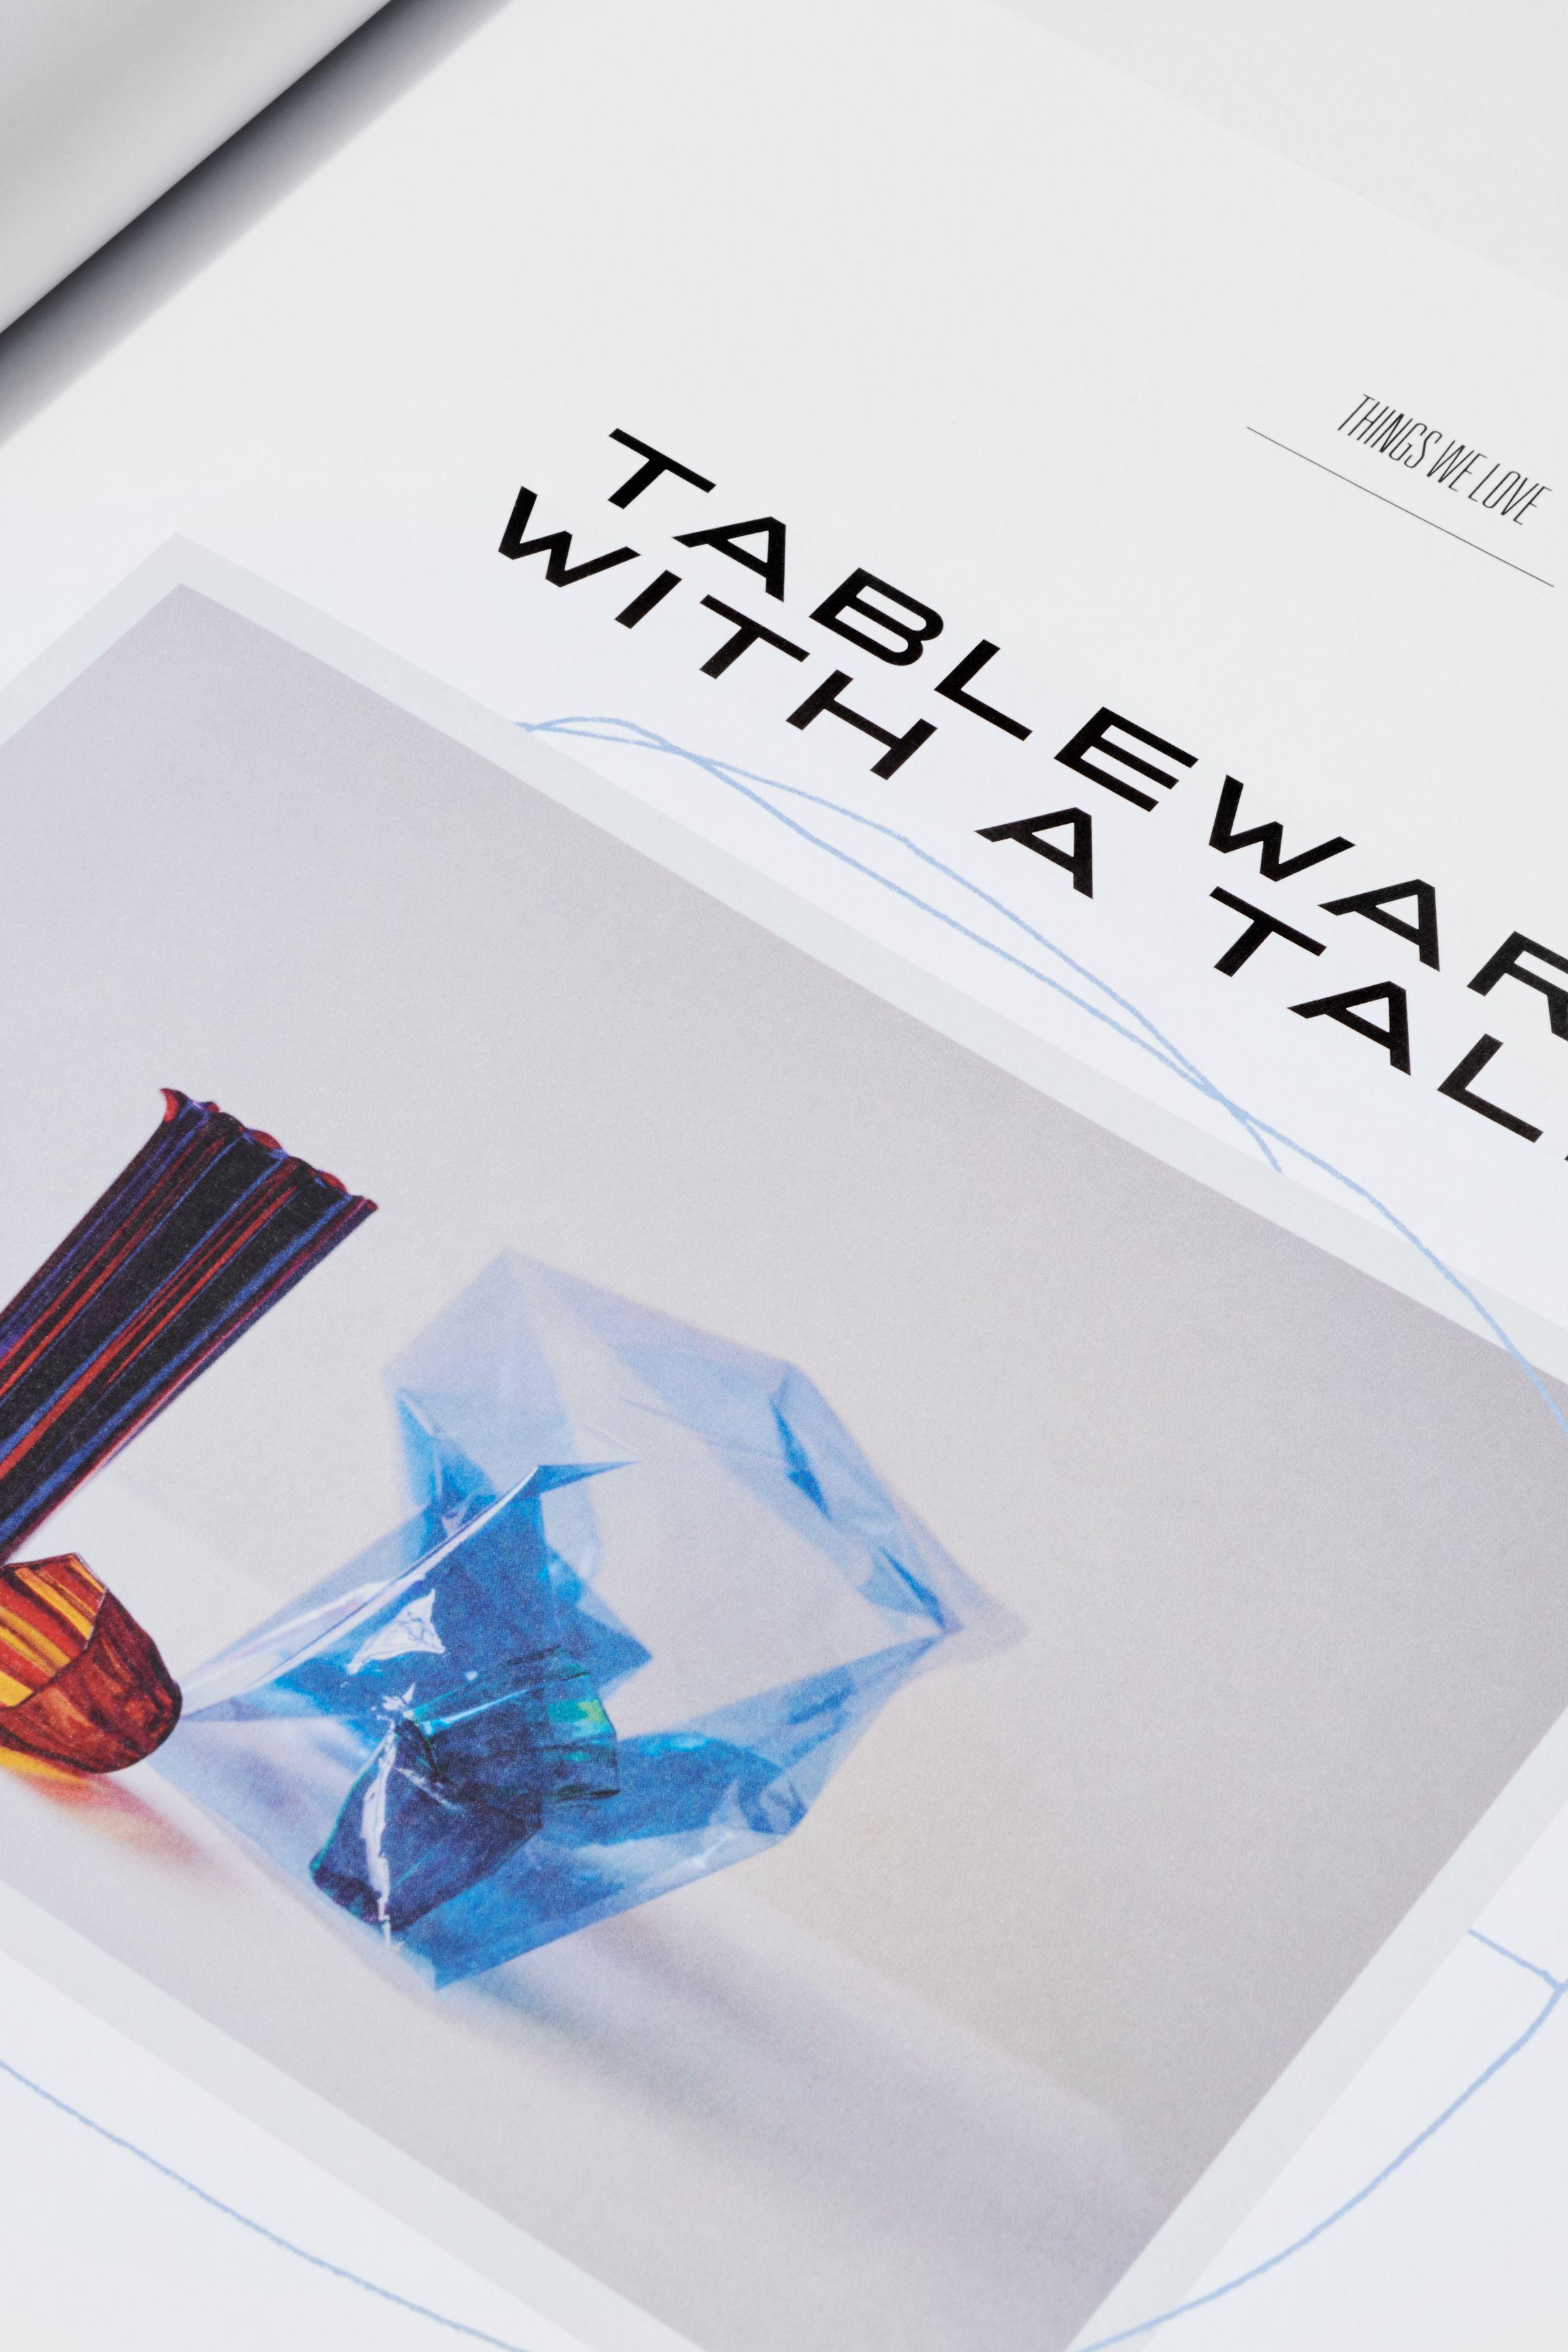 Rika Magazine issue no. 18 design detail